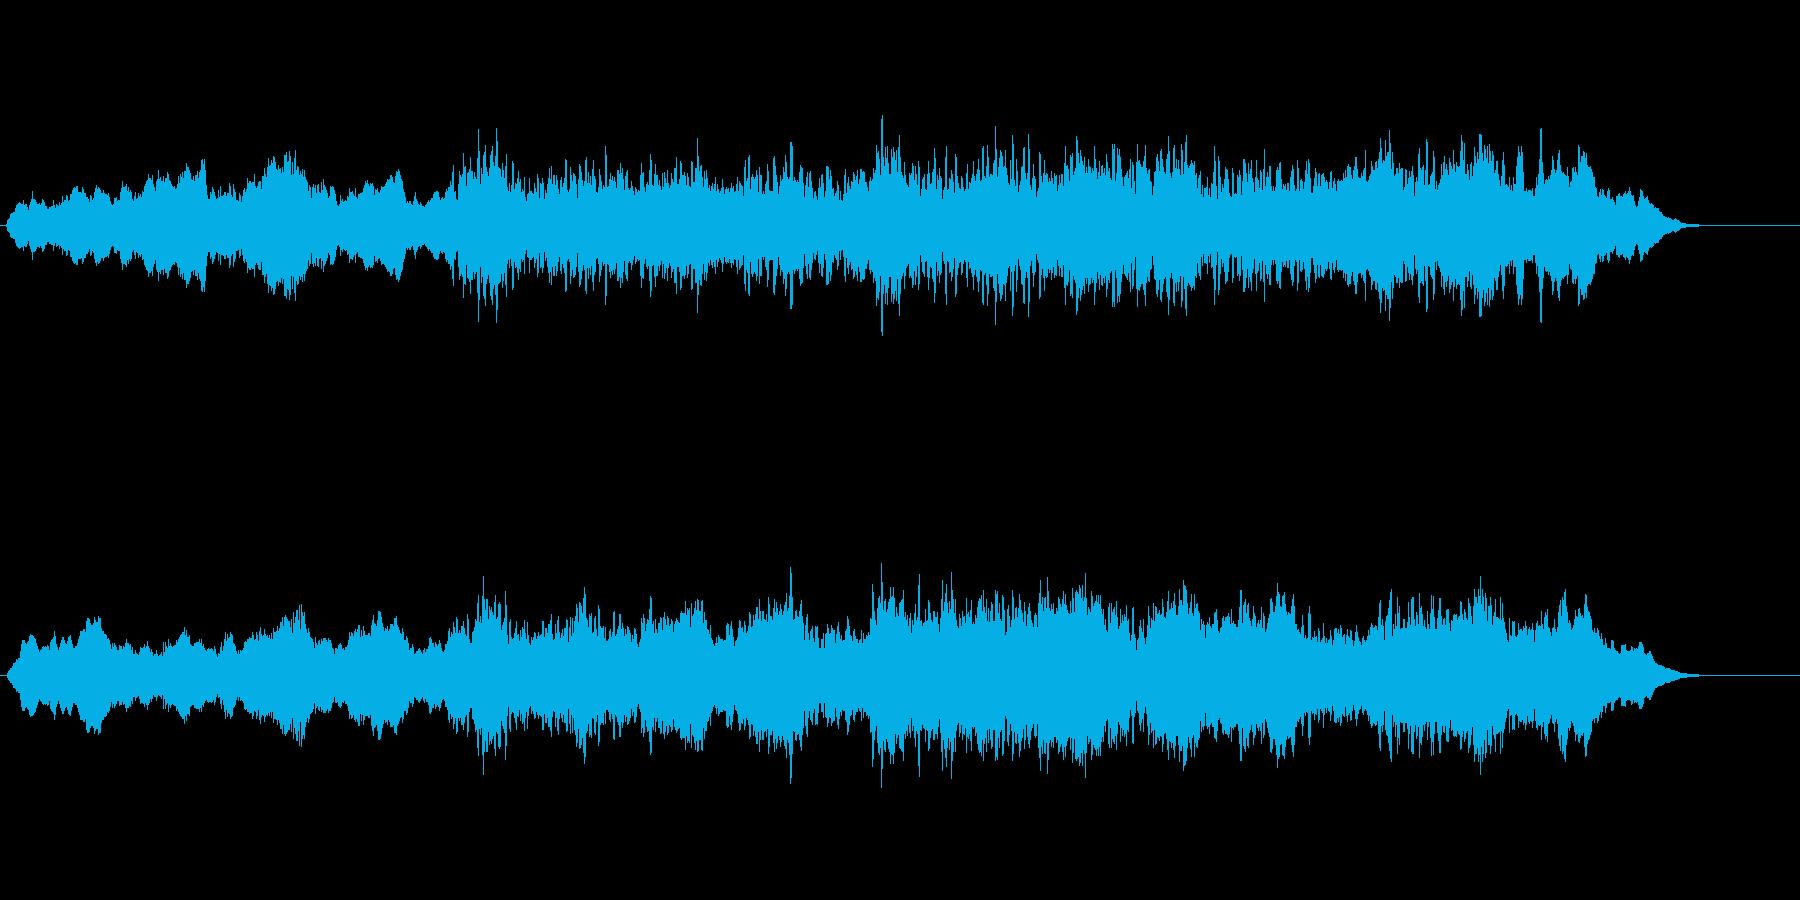 環境音楽(リラクゼーション系)の再生済みの波形